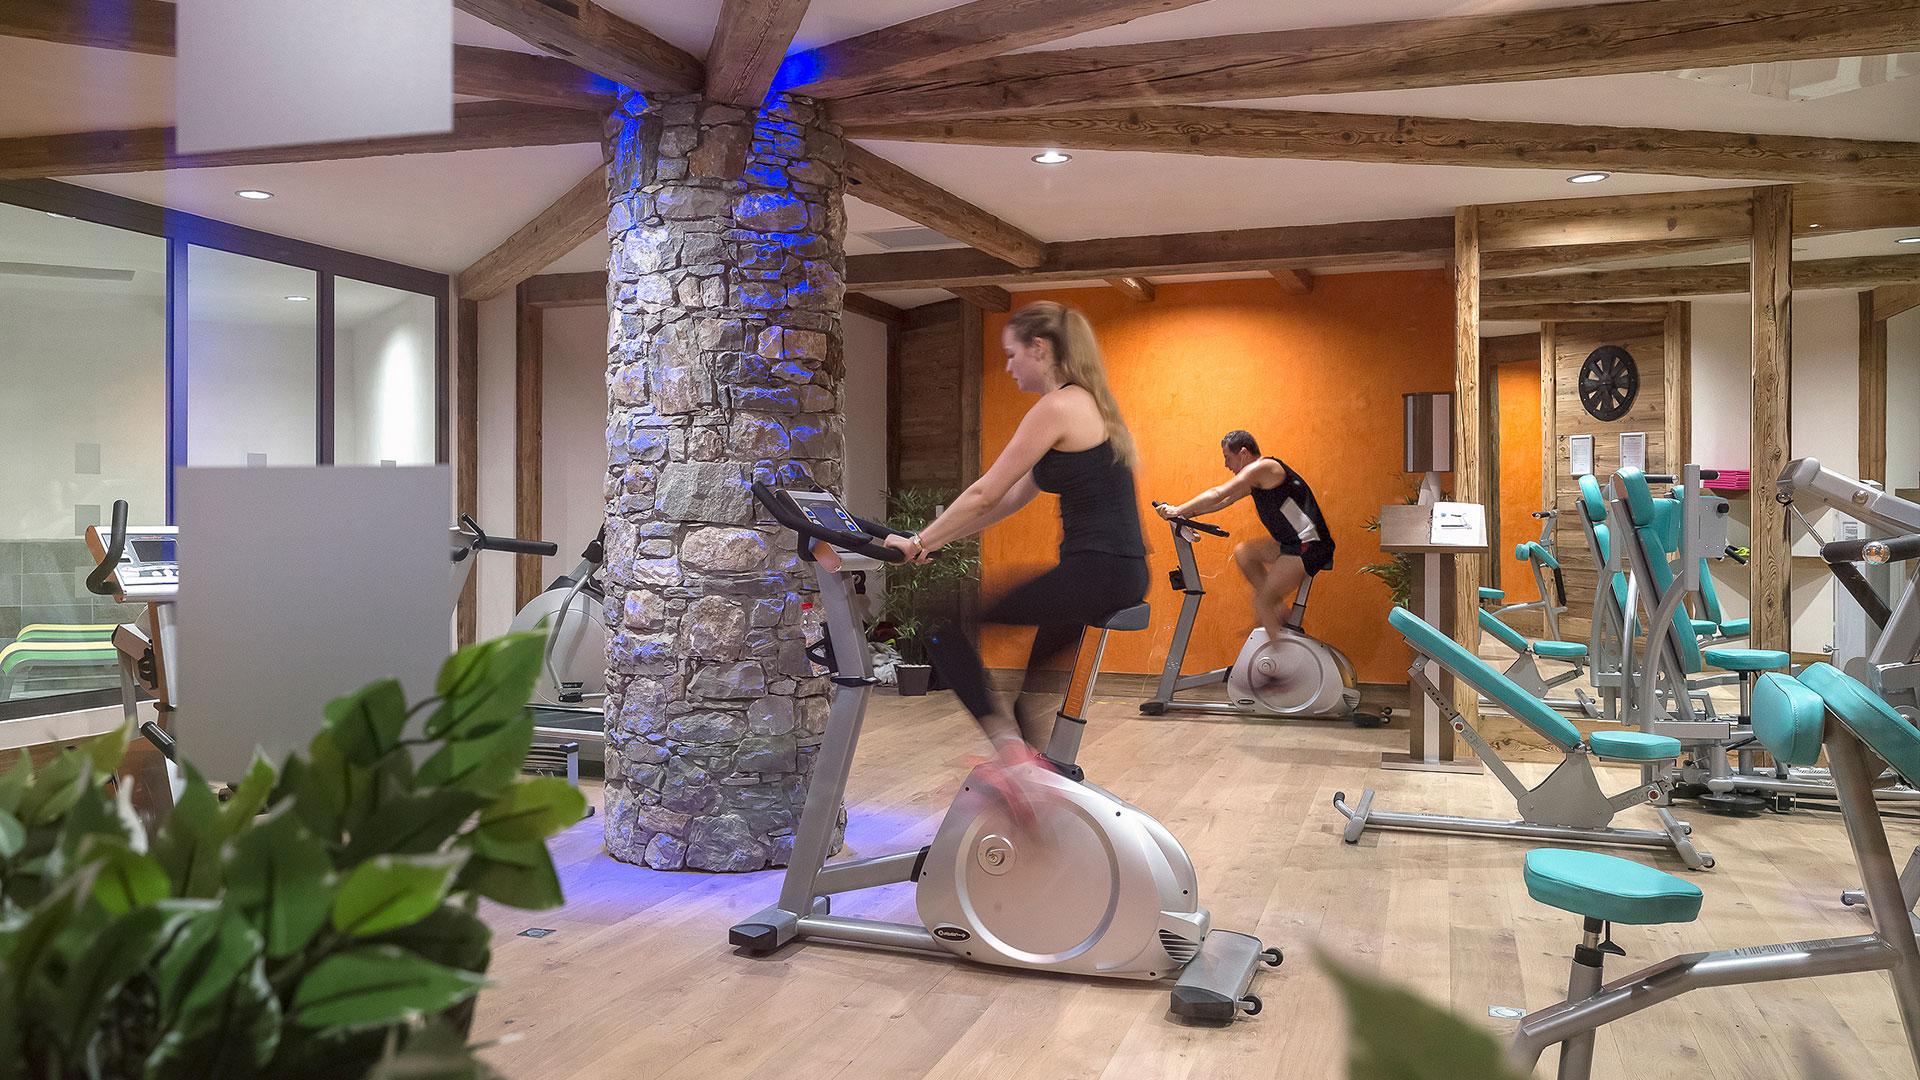 Salle de cardio-training, Les Chalets de Flambeau - CGH Résidences